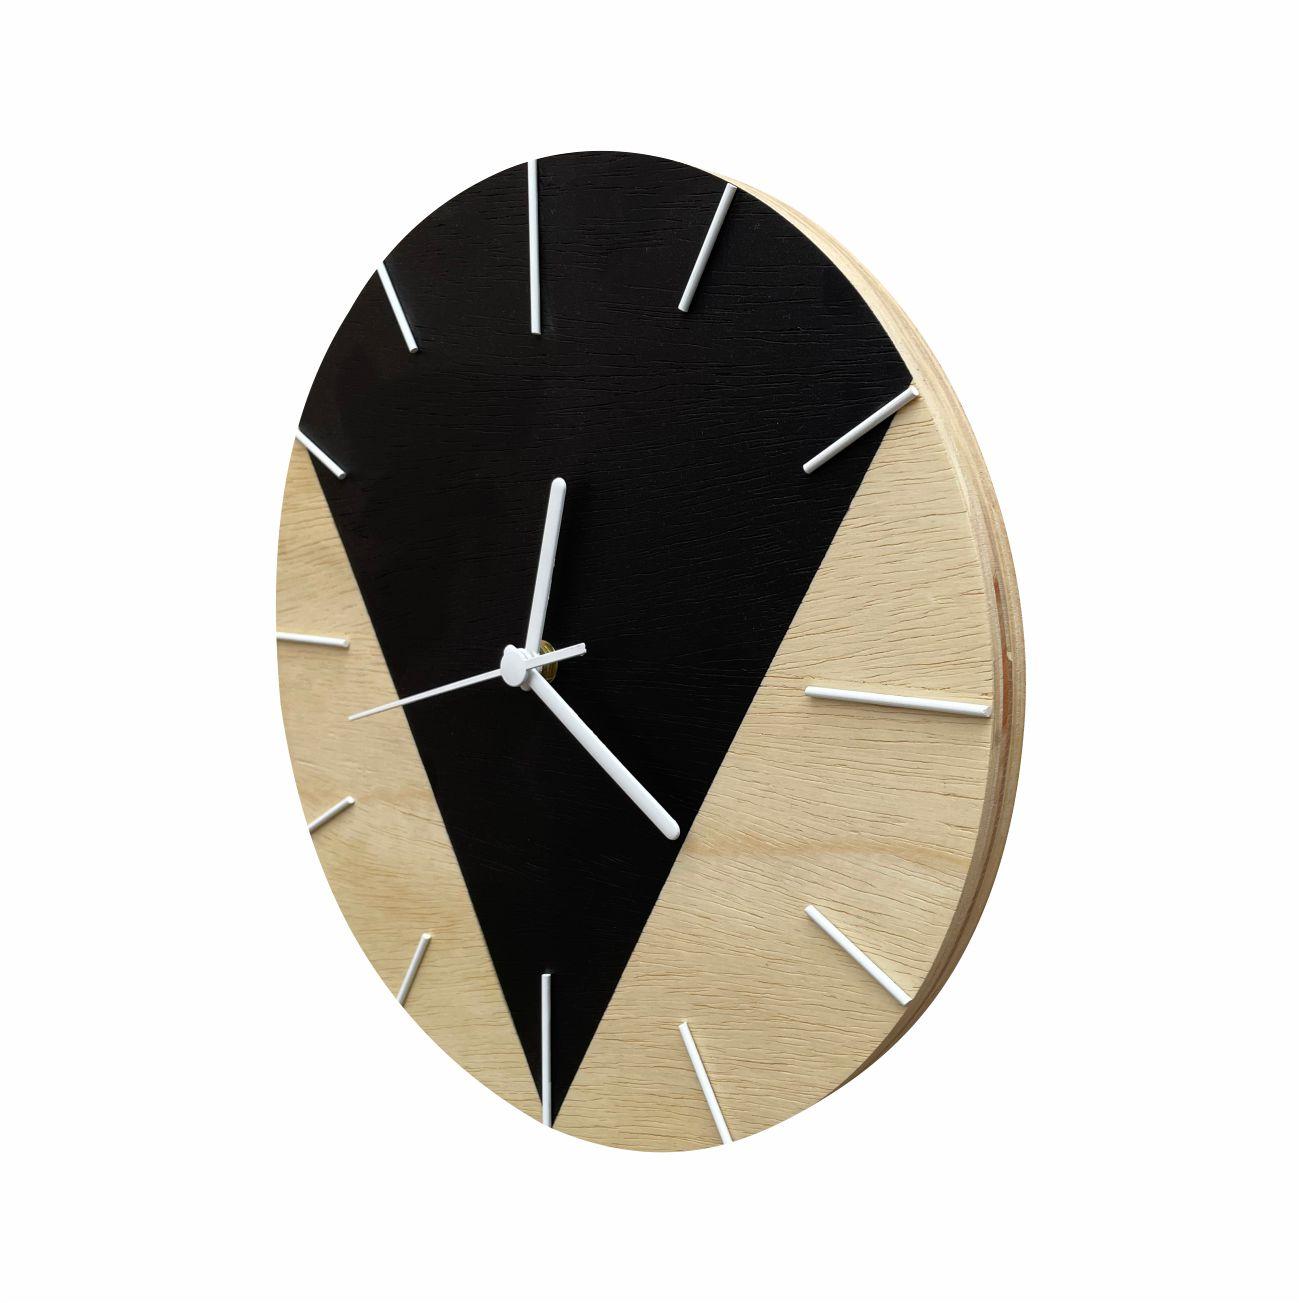 Relógio de Parede Design Triangular - 30cm Night Sky